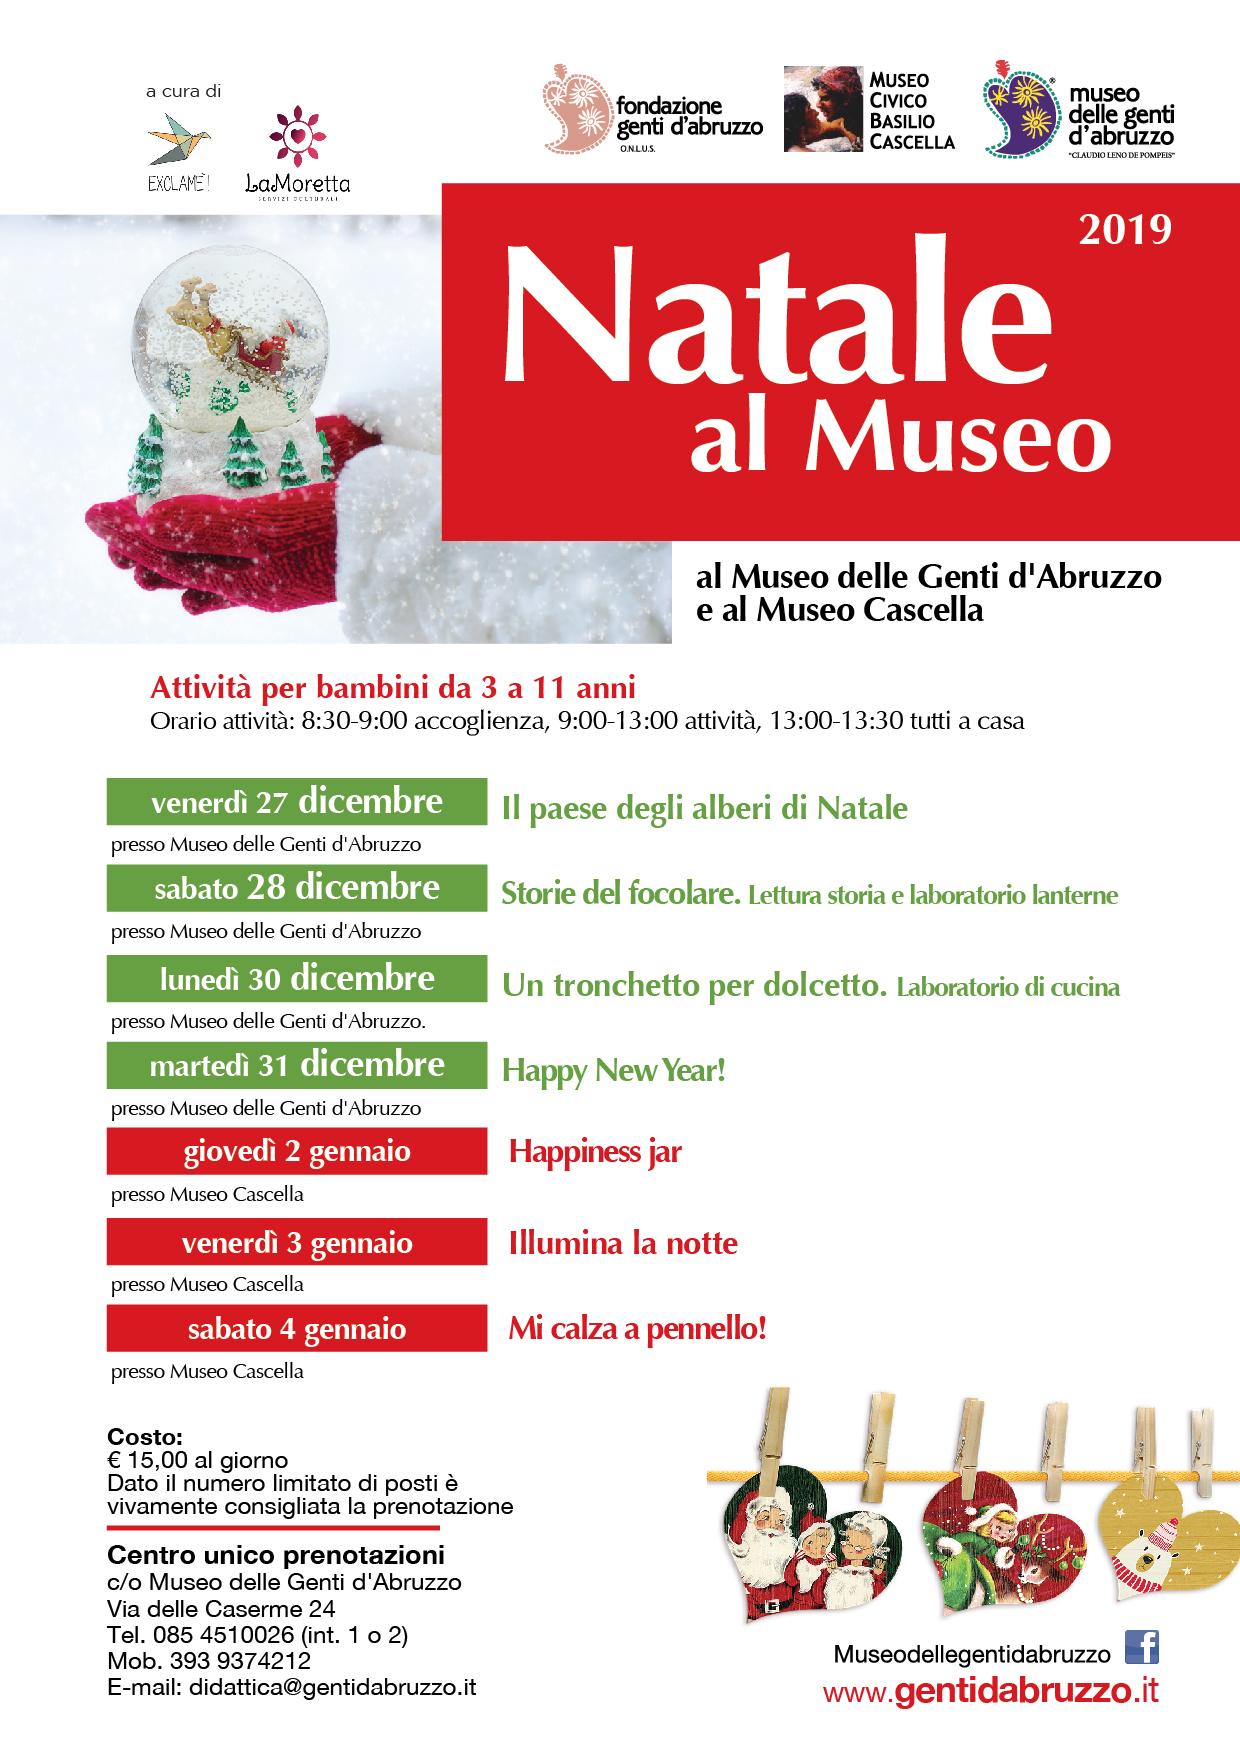 Natale al Museo